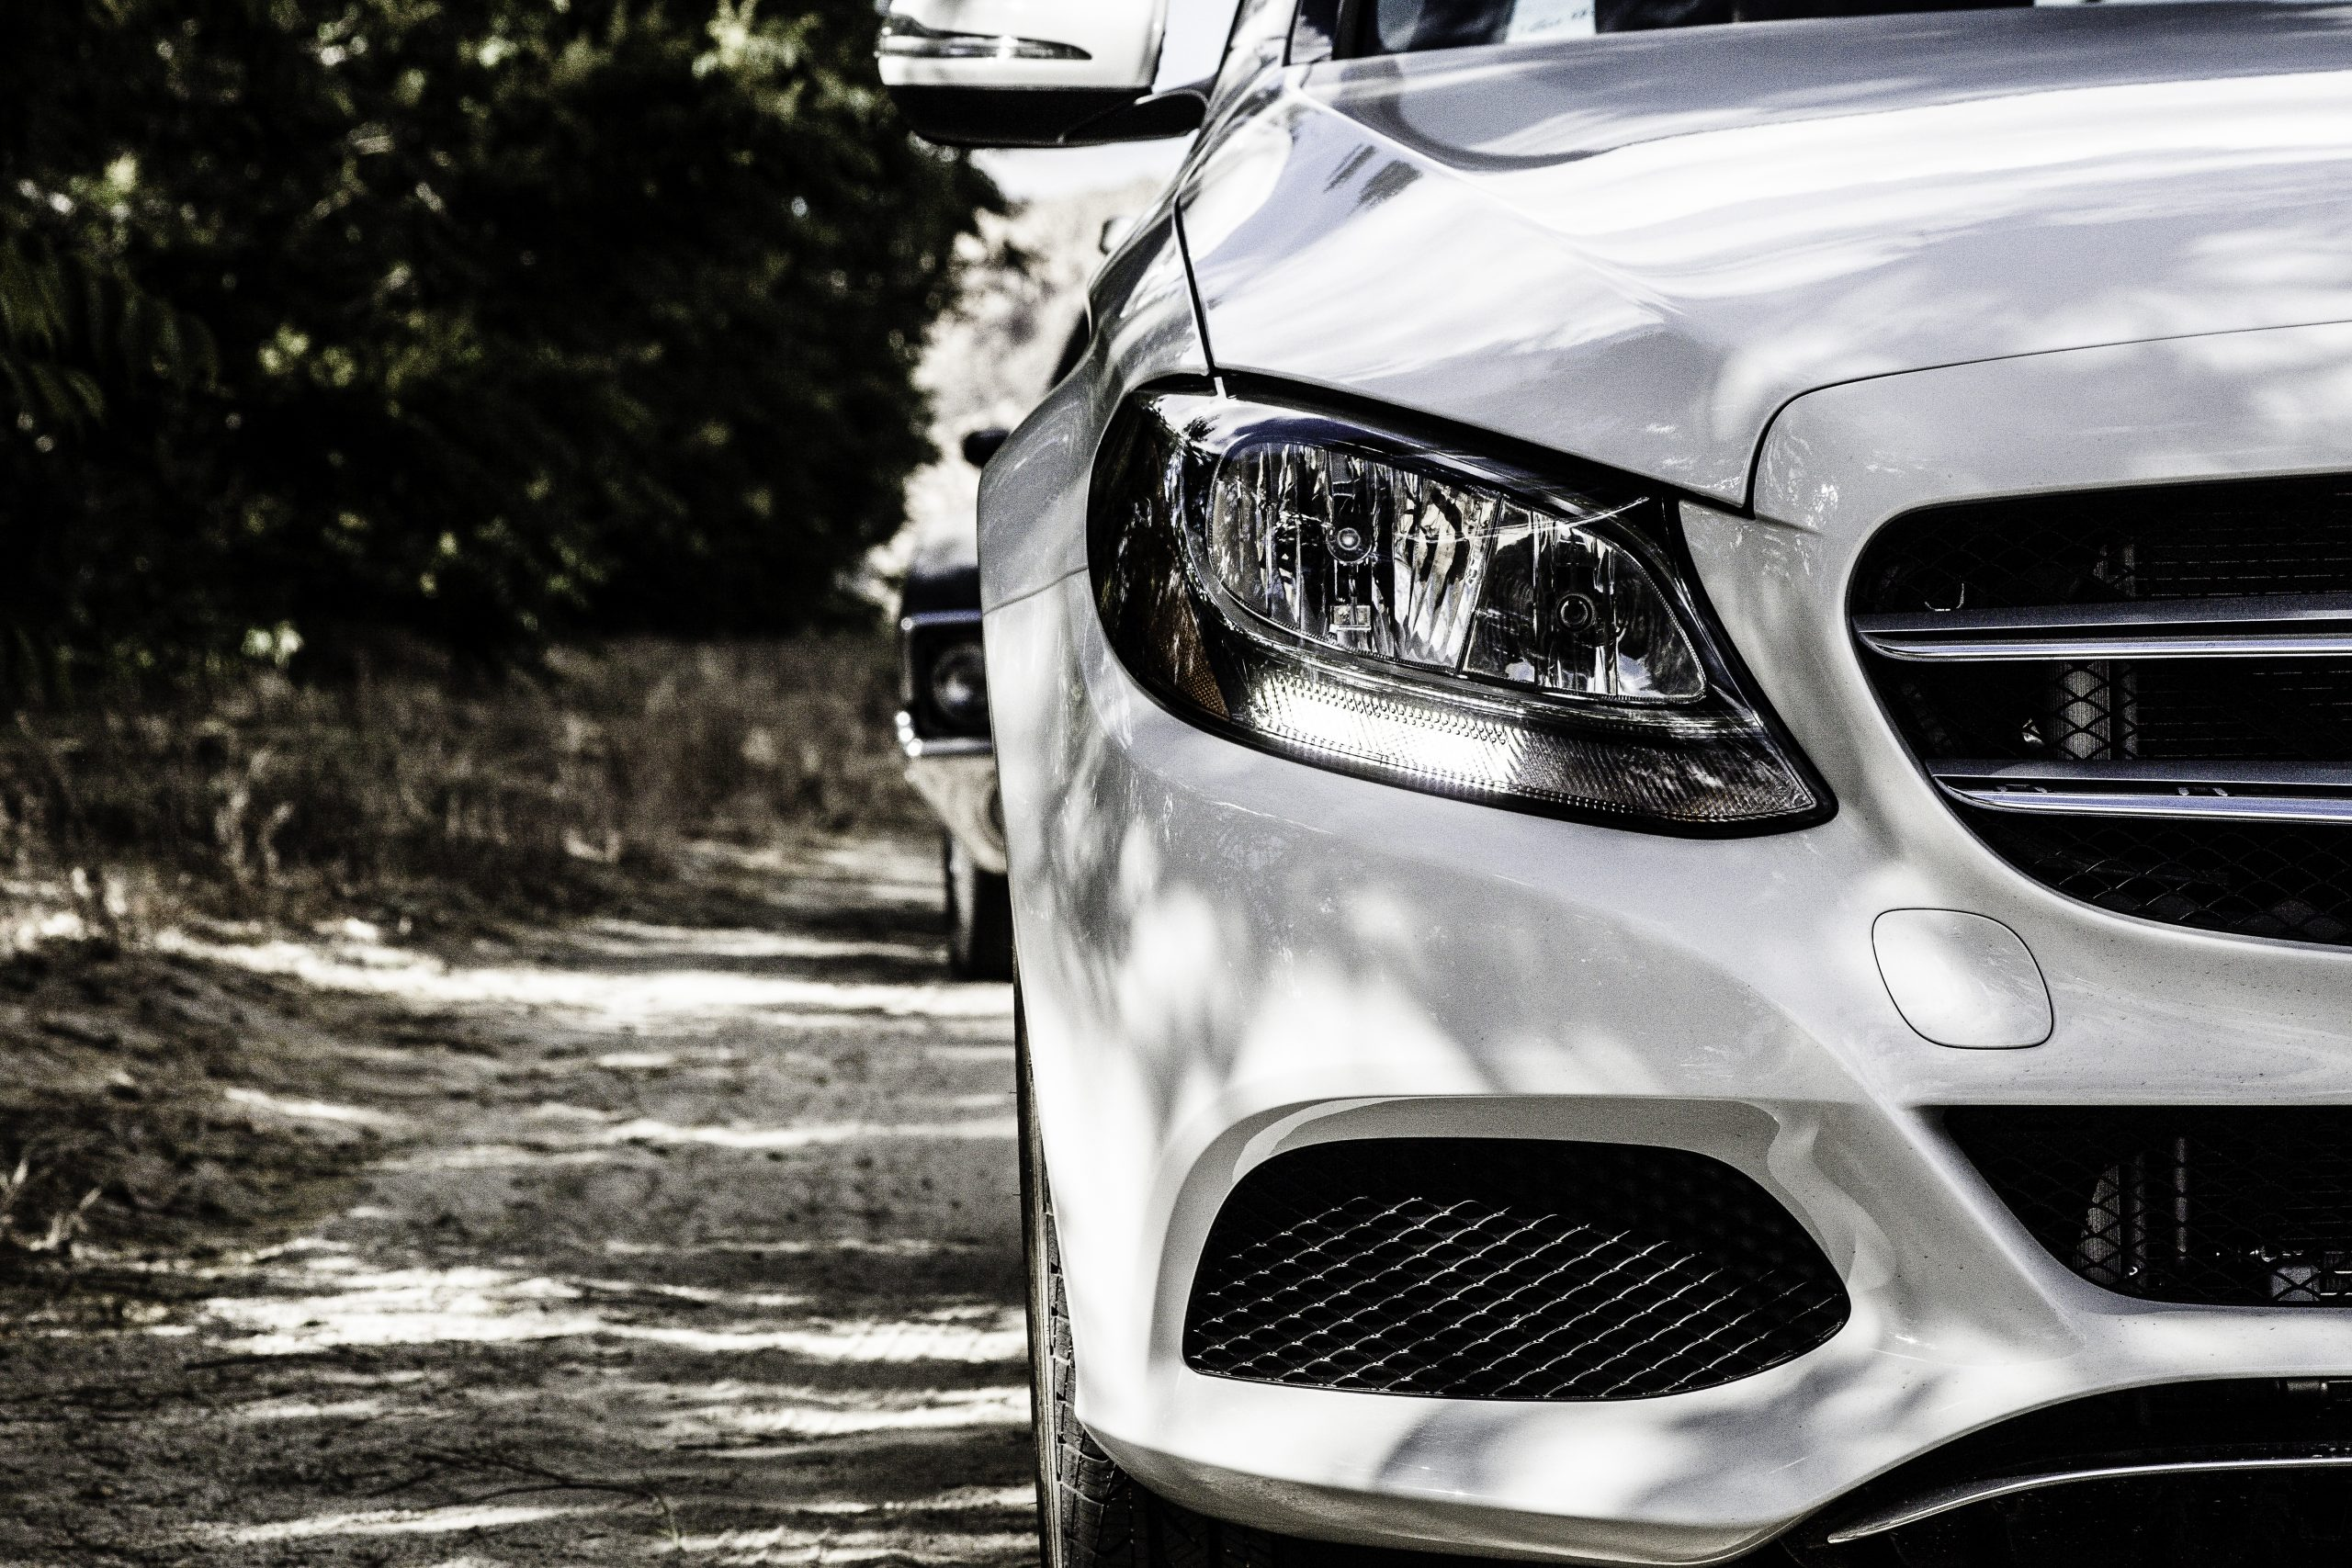 Revisa cuánto debes pagar por el Permiso de Circulación 2020 de tu automóvil